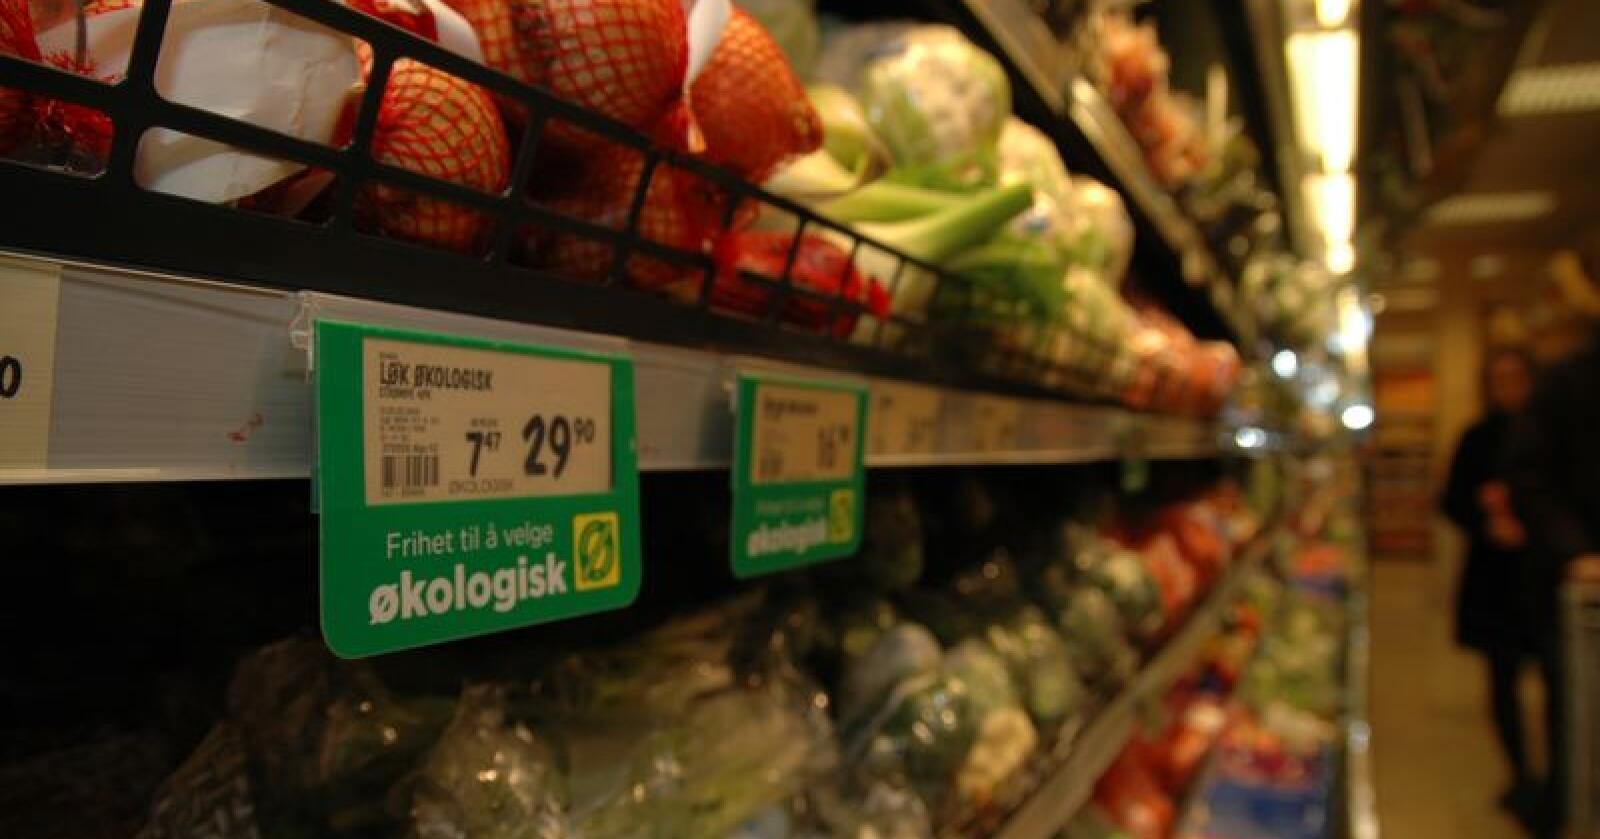 Danmark har ambisiøse planer for videre økovekst. I Norge er de politiske ambisjonene senket. Bildet viser økologisk frukt og grønt i norsk butikk. (Arkivfoto)